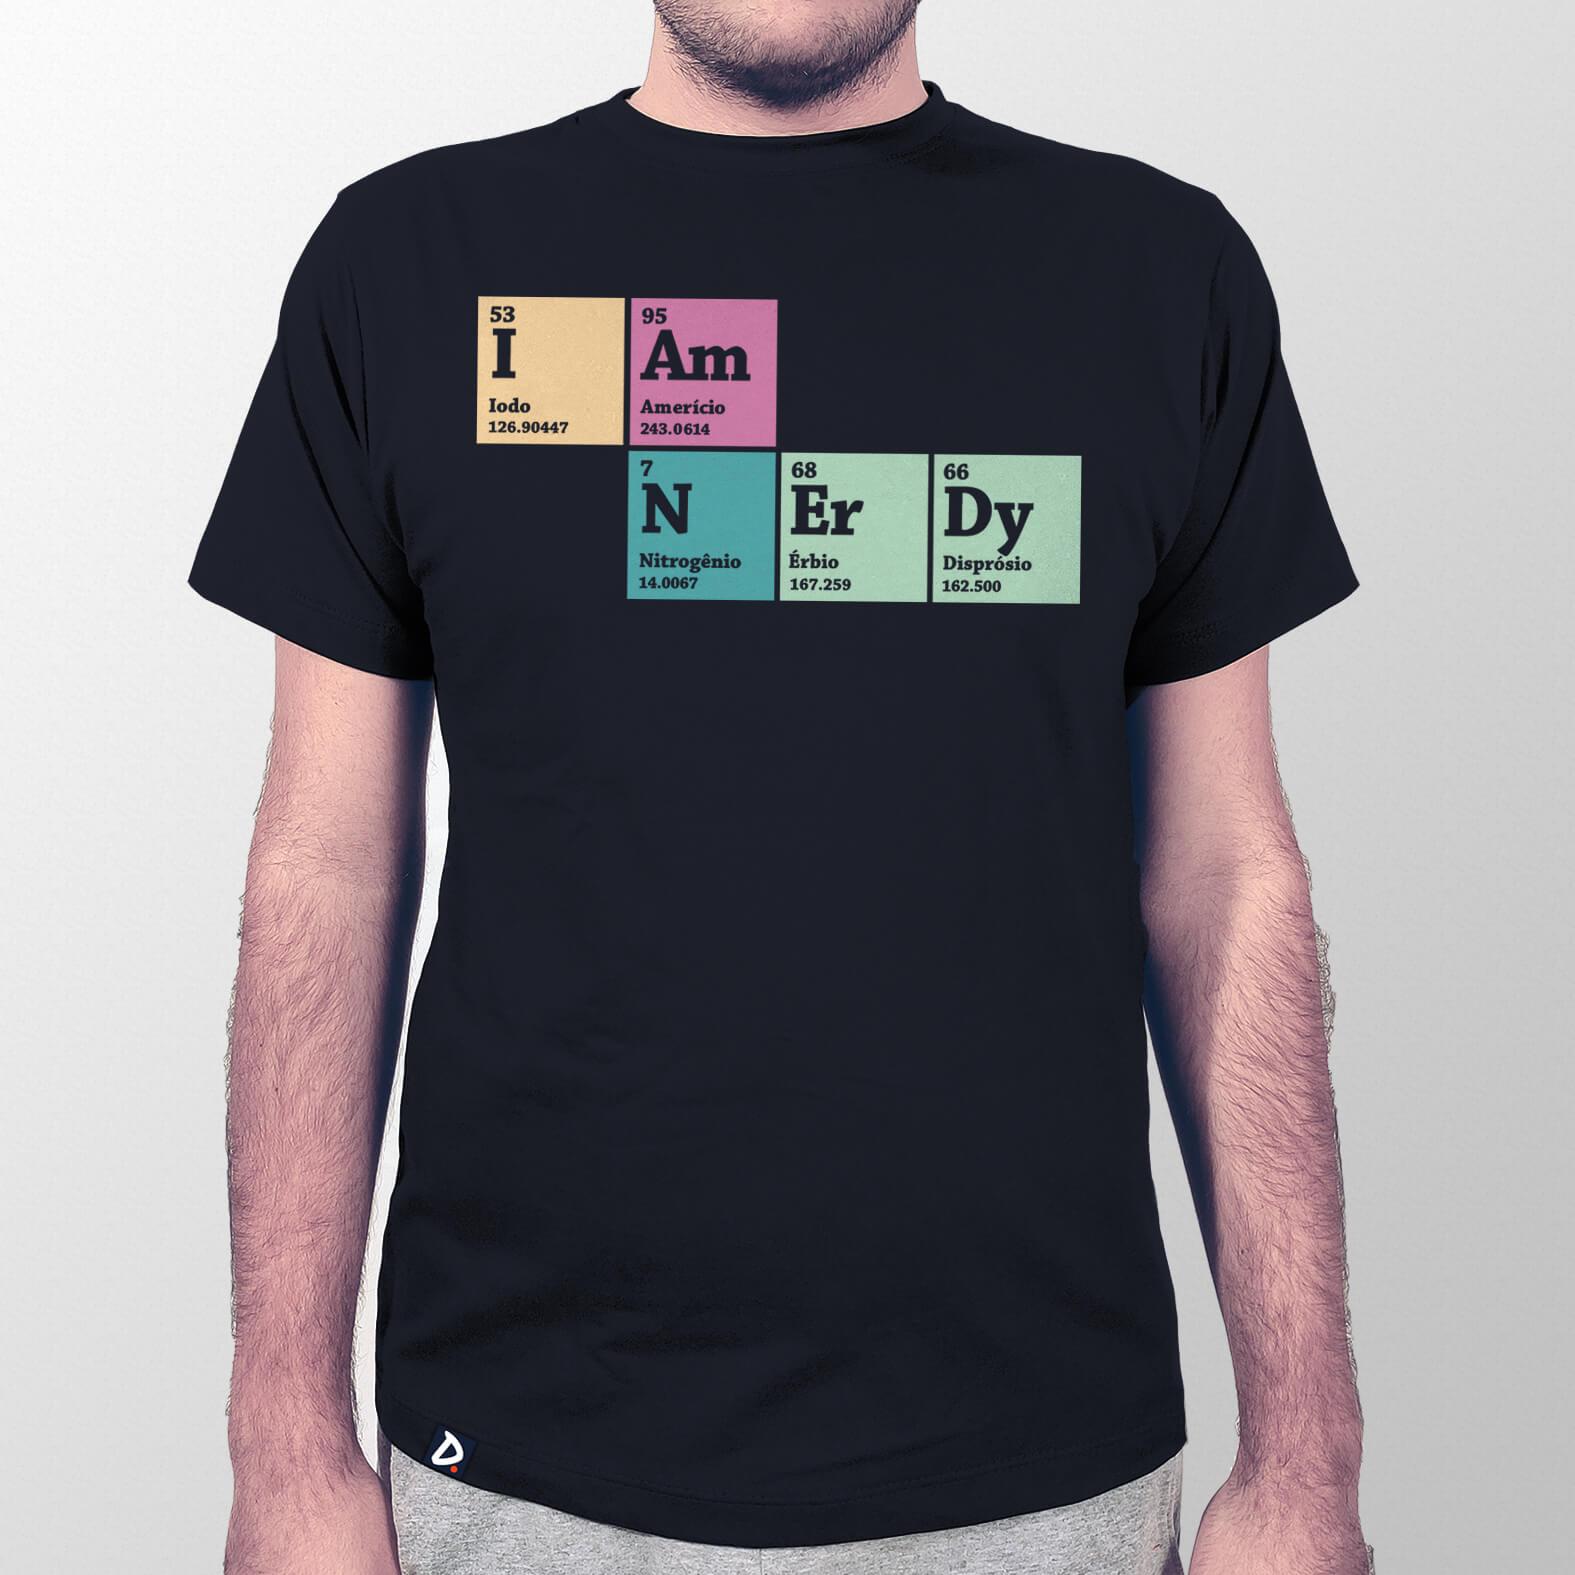 Camiseta Masculina I Am Nerdy